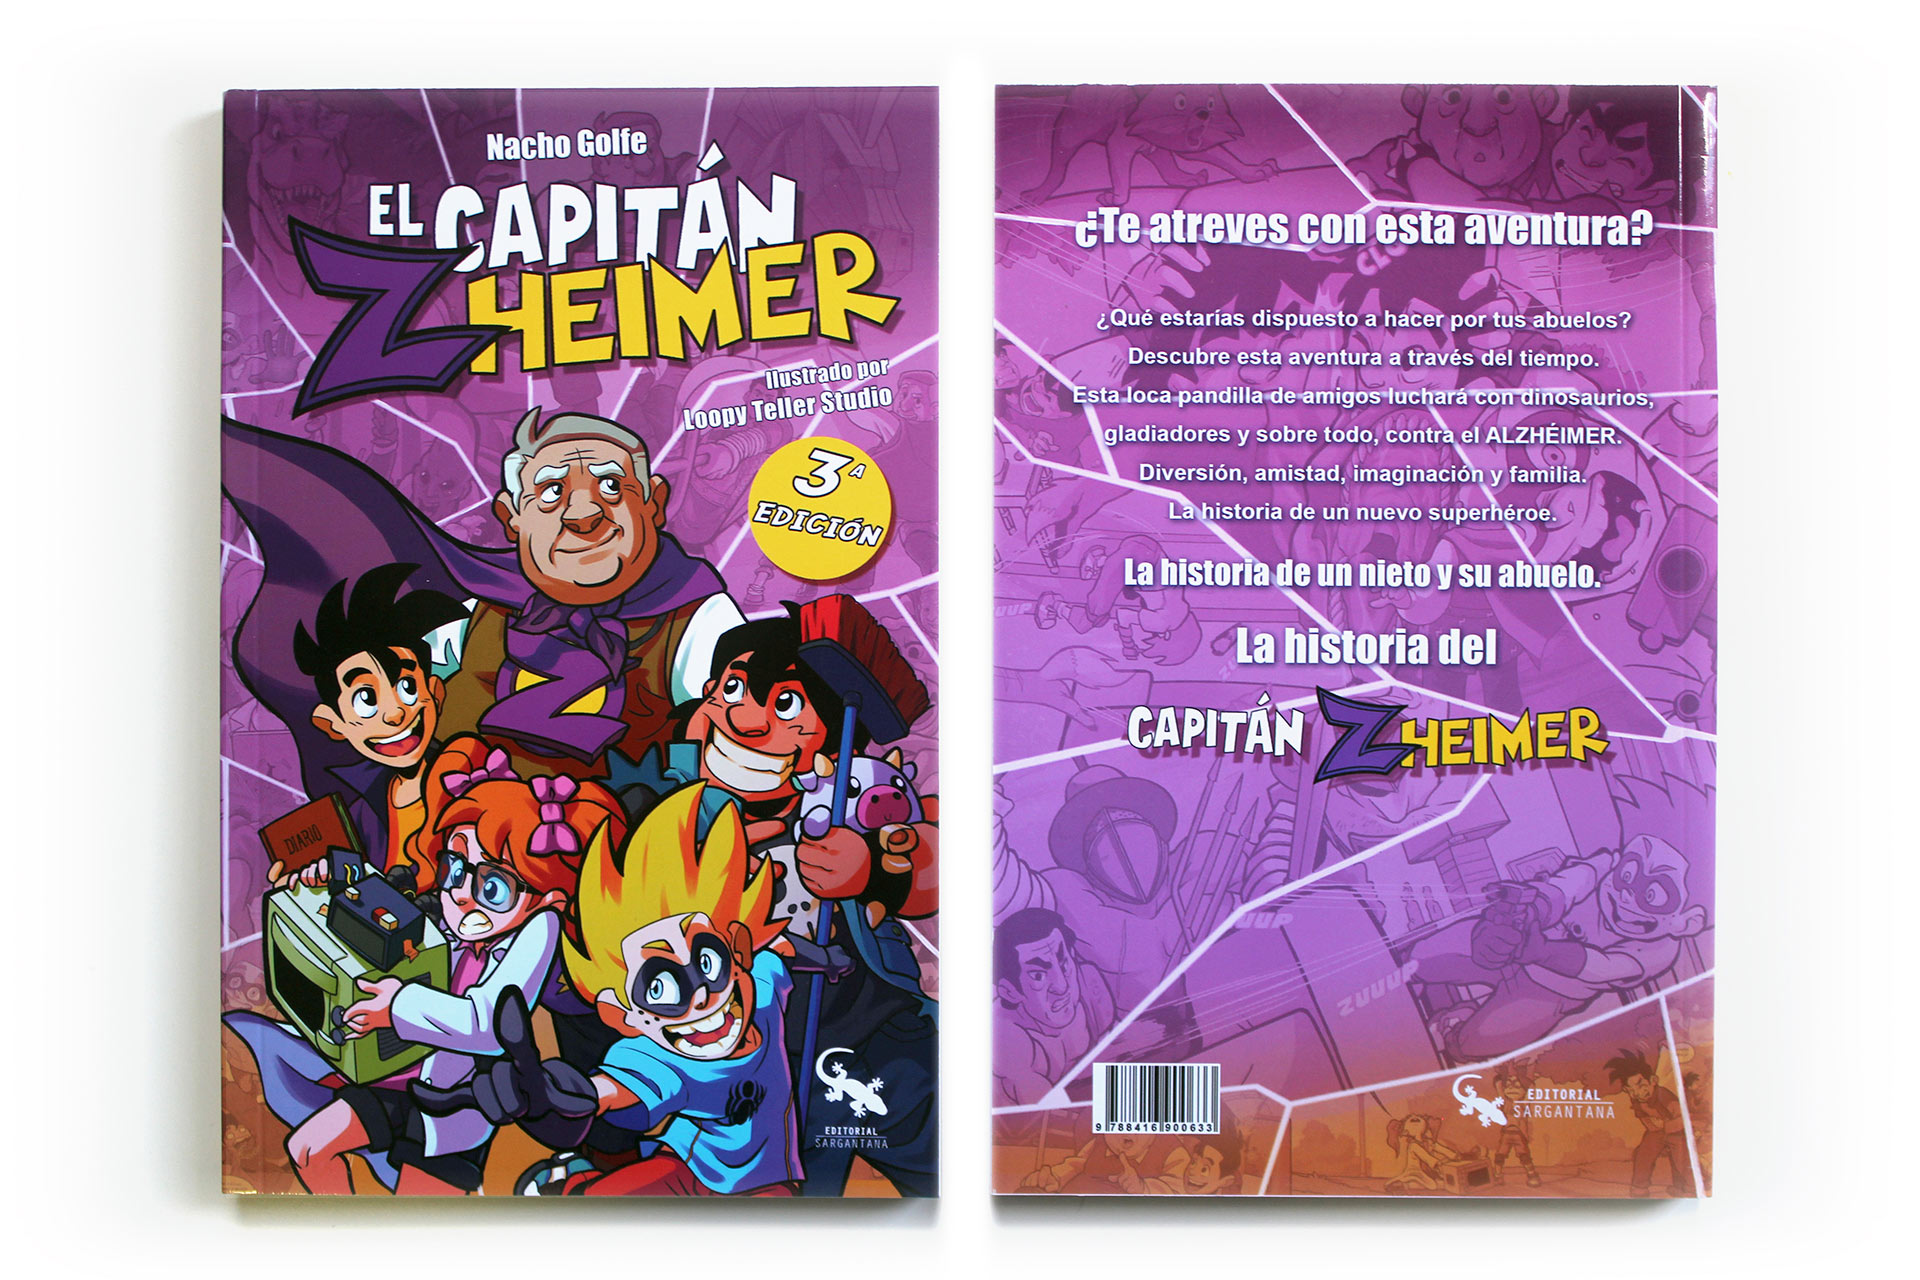 El Capitán Zheimer 1- Libro ilustrado